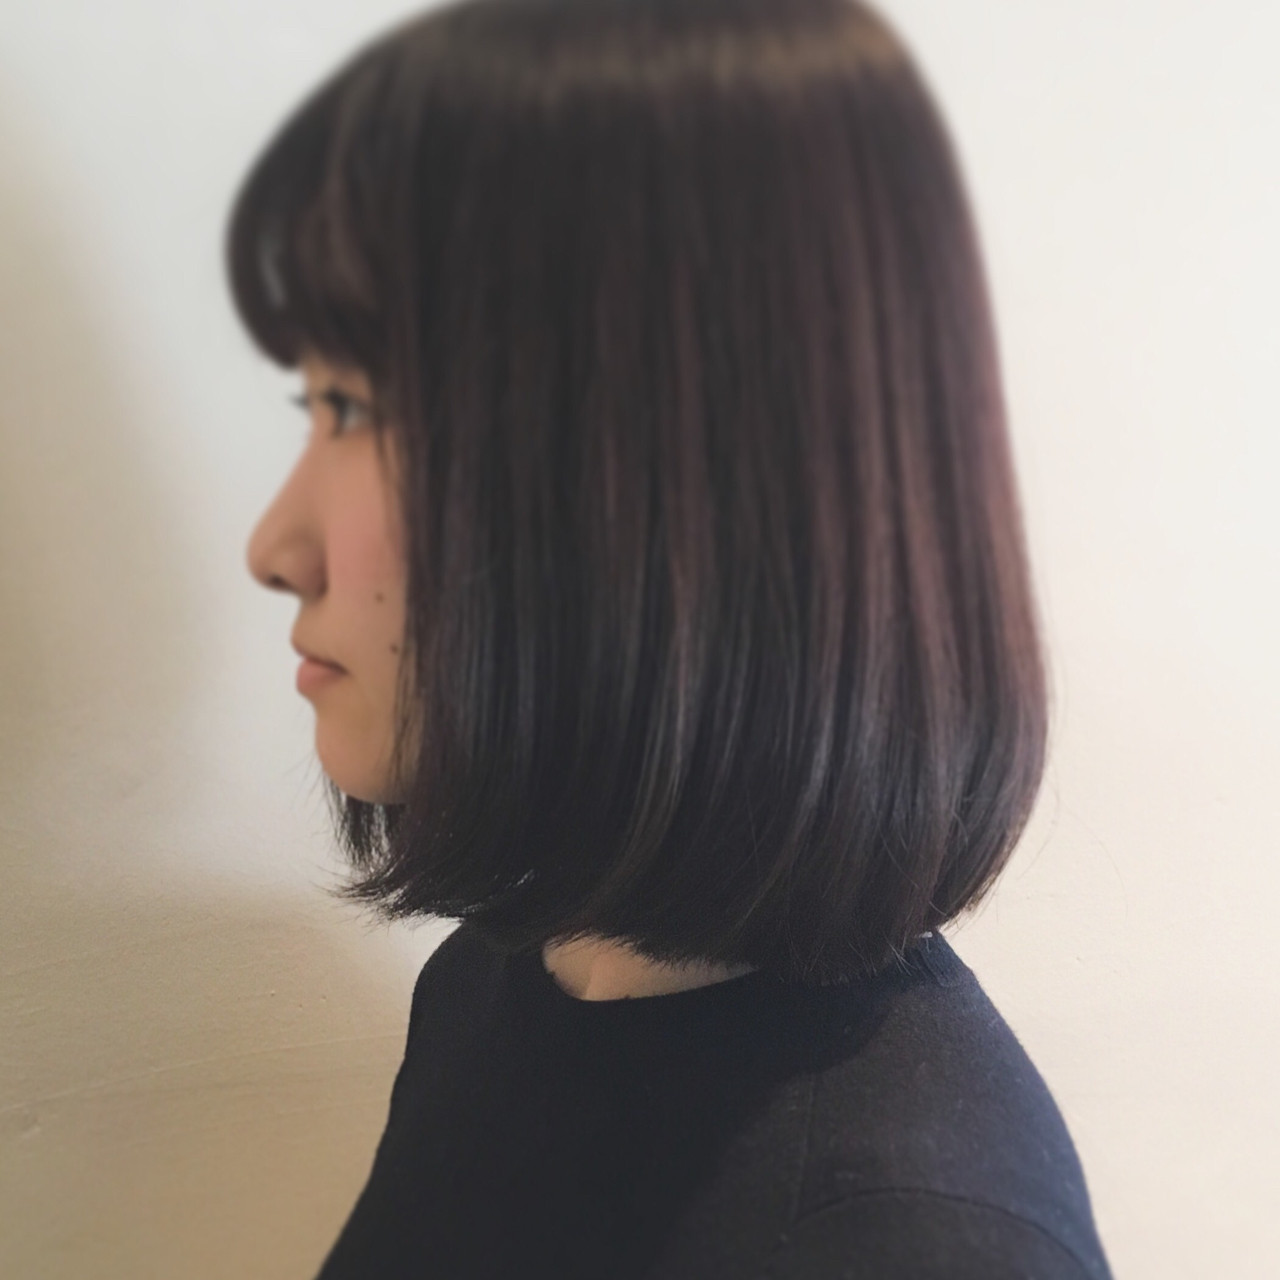 小顔 グレージュ こなれ感 色気 ヘアスタイルや髪型の写真・画像 | 岩井隼人 / sweet melody